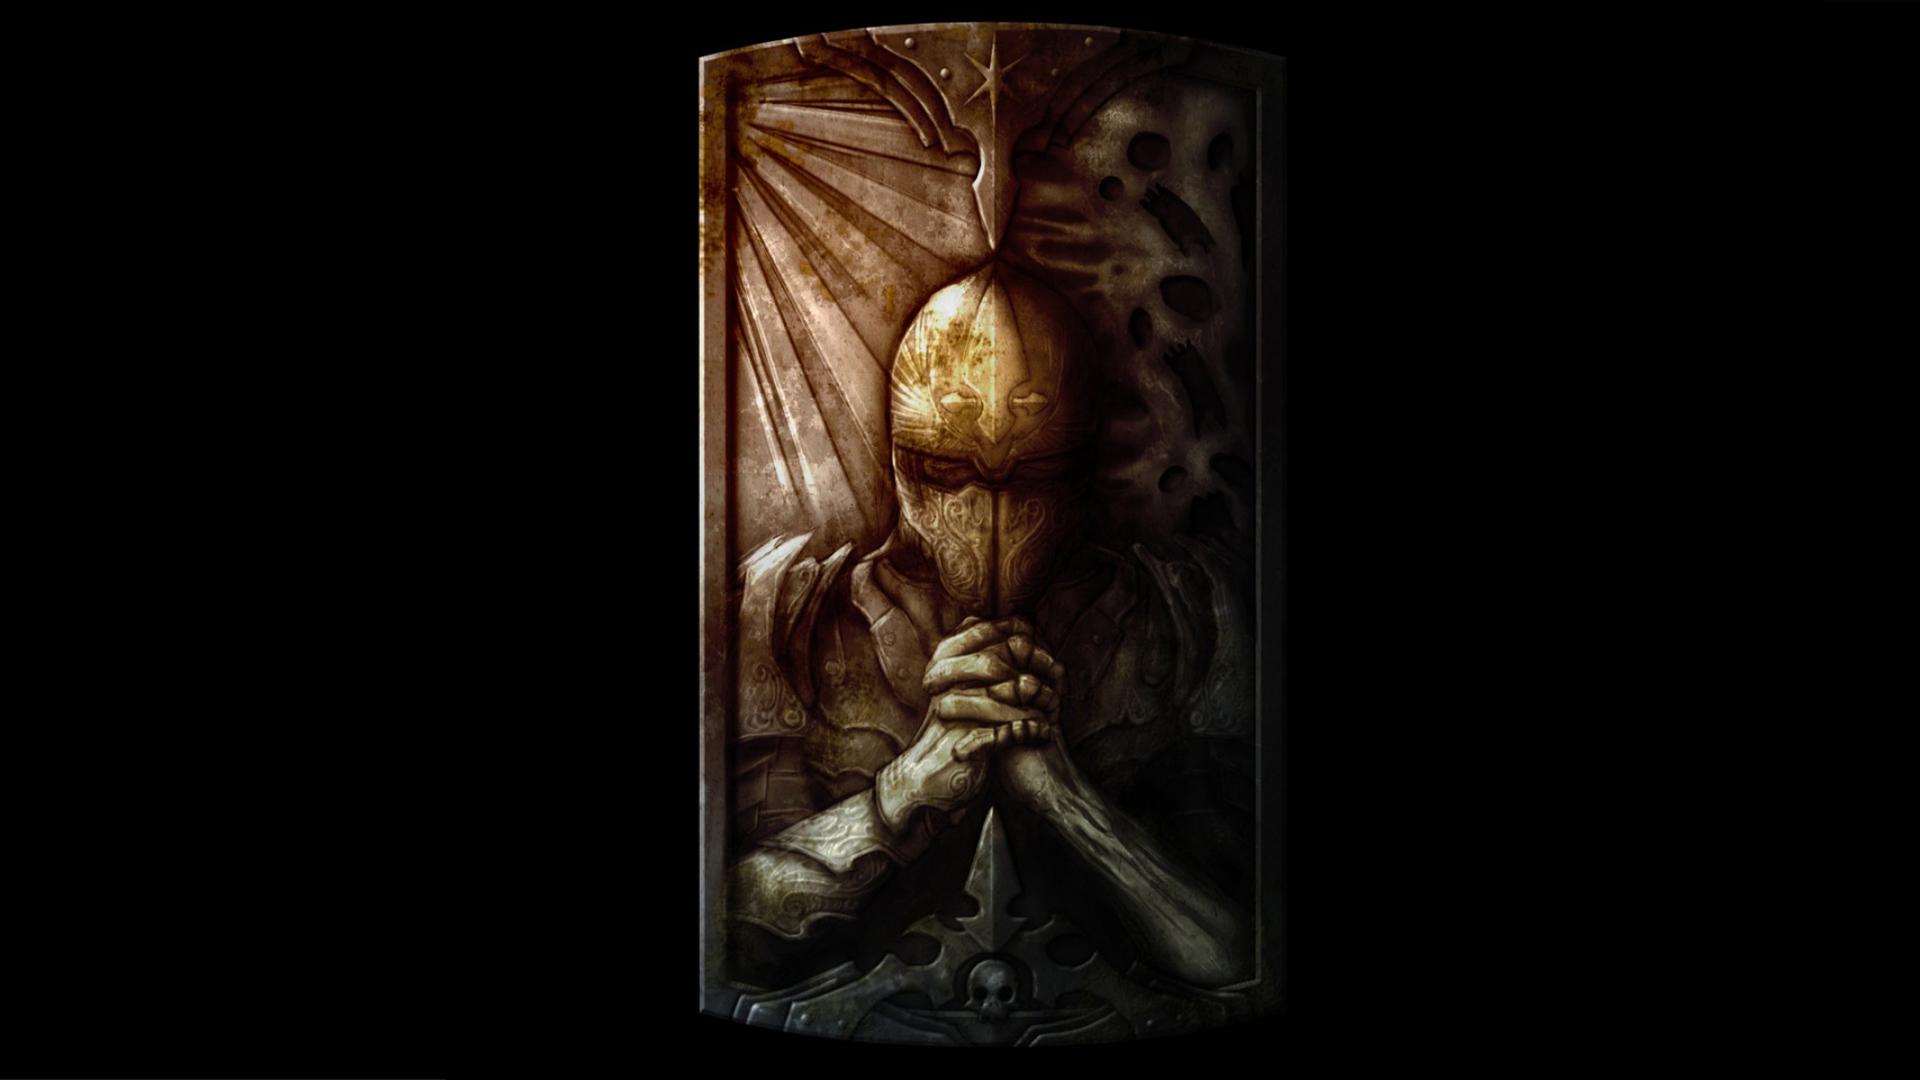 Free Download 1080p Wallpaper Dark Dark Souls 2 Ii Game Hd